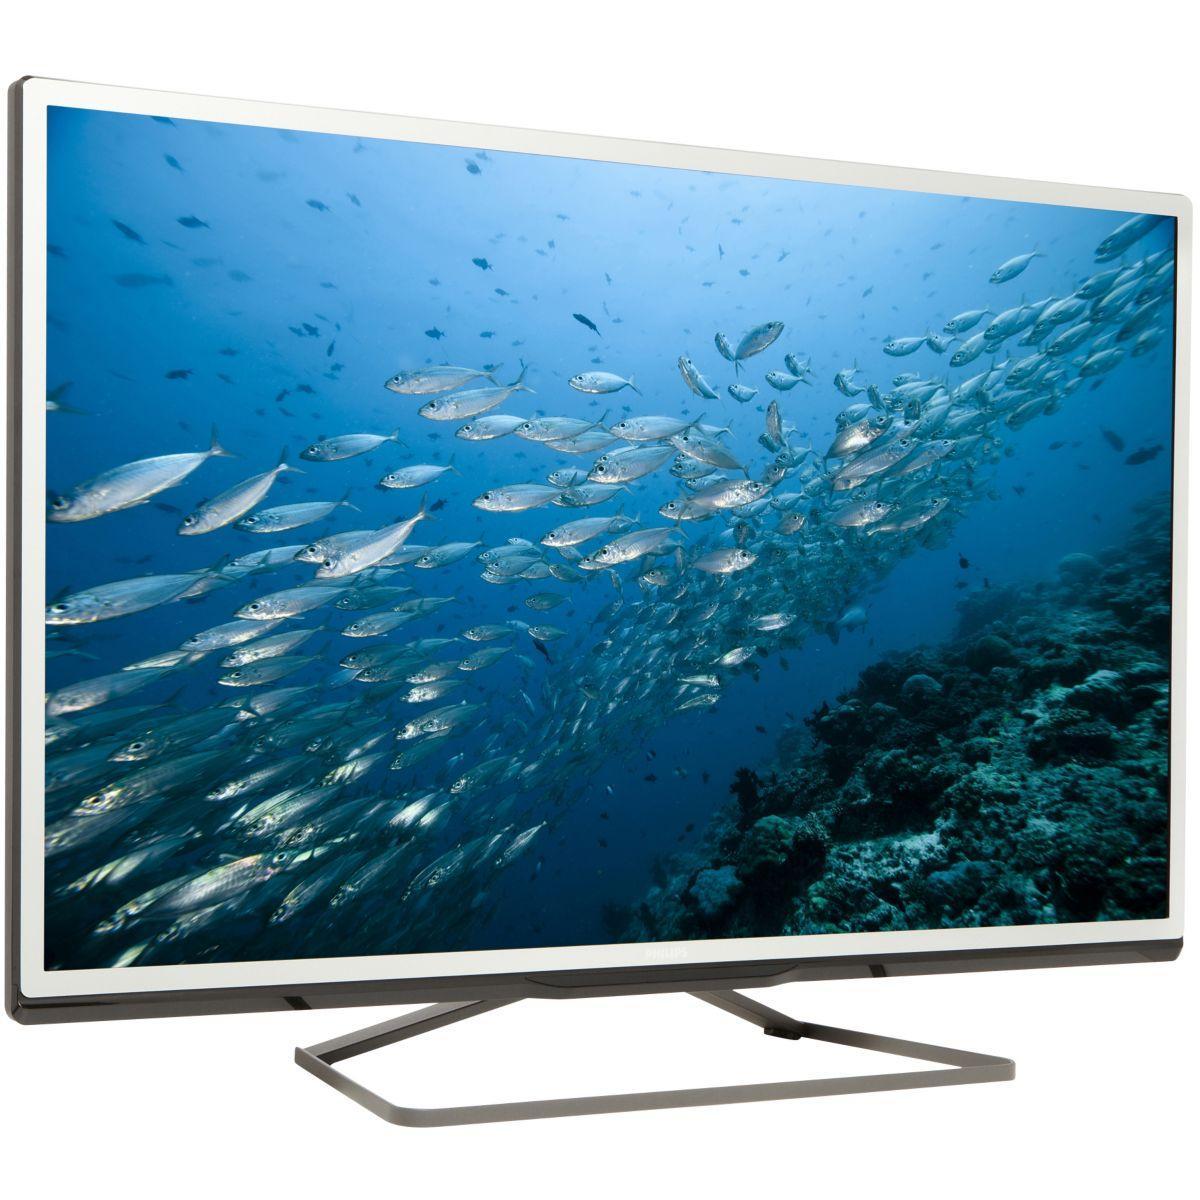 TV PHILIPS 42PFL7108H 3D Smart TV 700 Hz